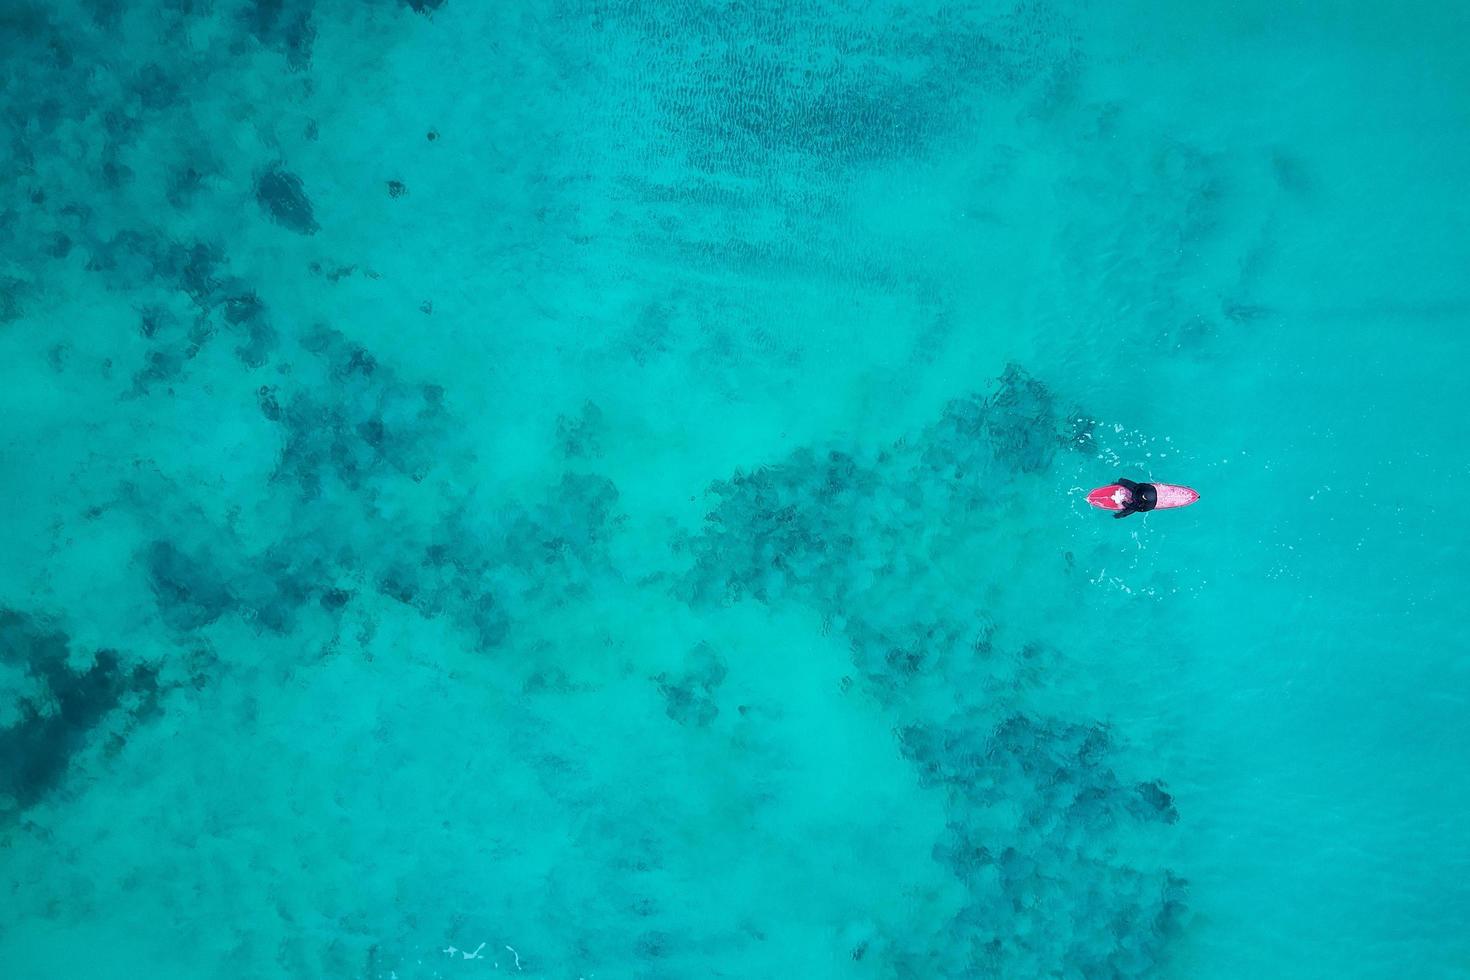 una persona en un cuerpo de agua foto